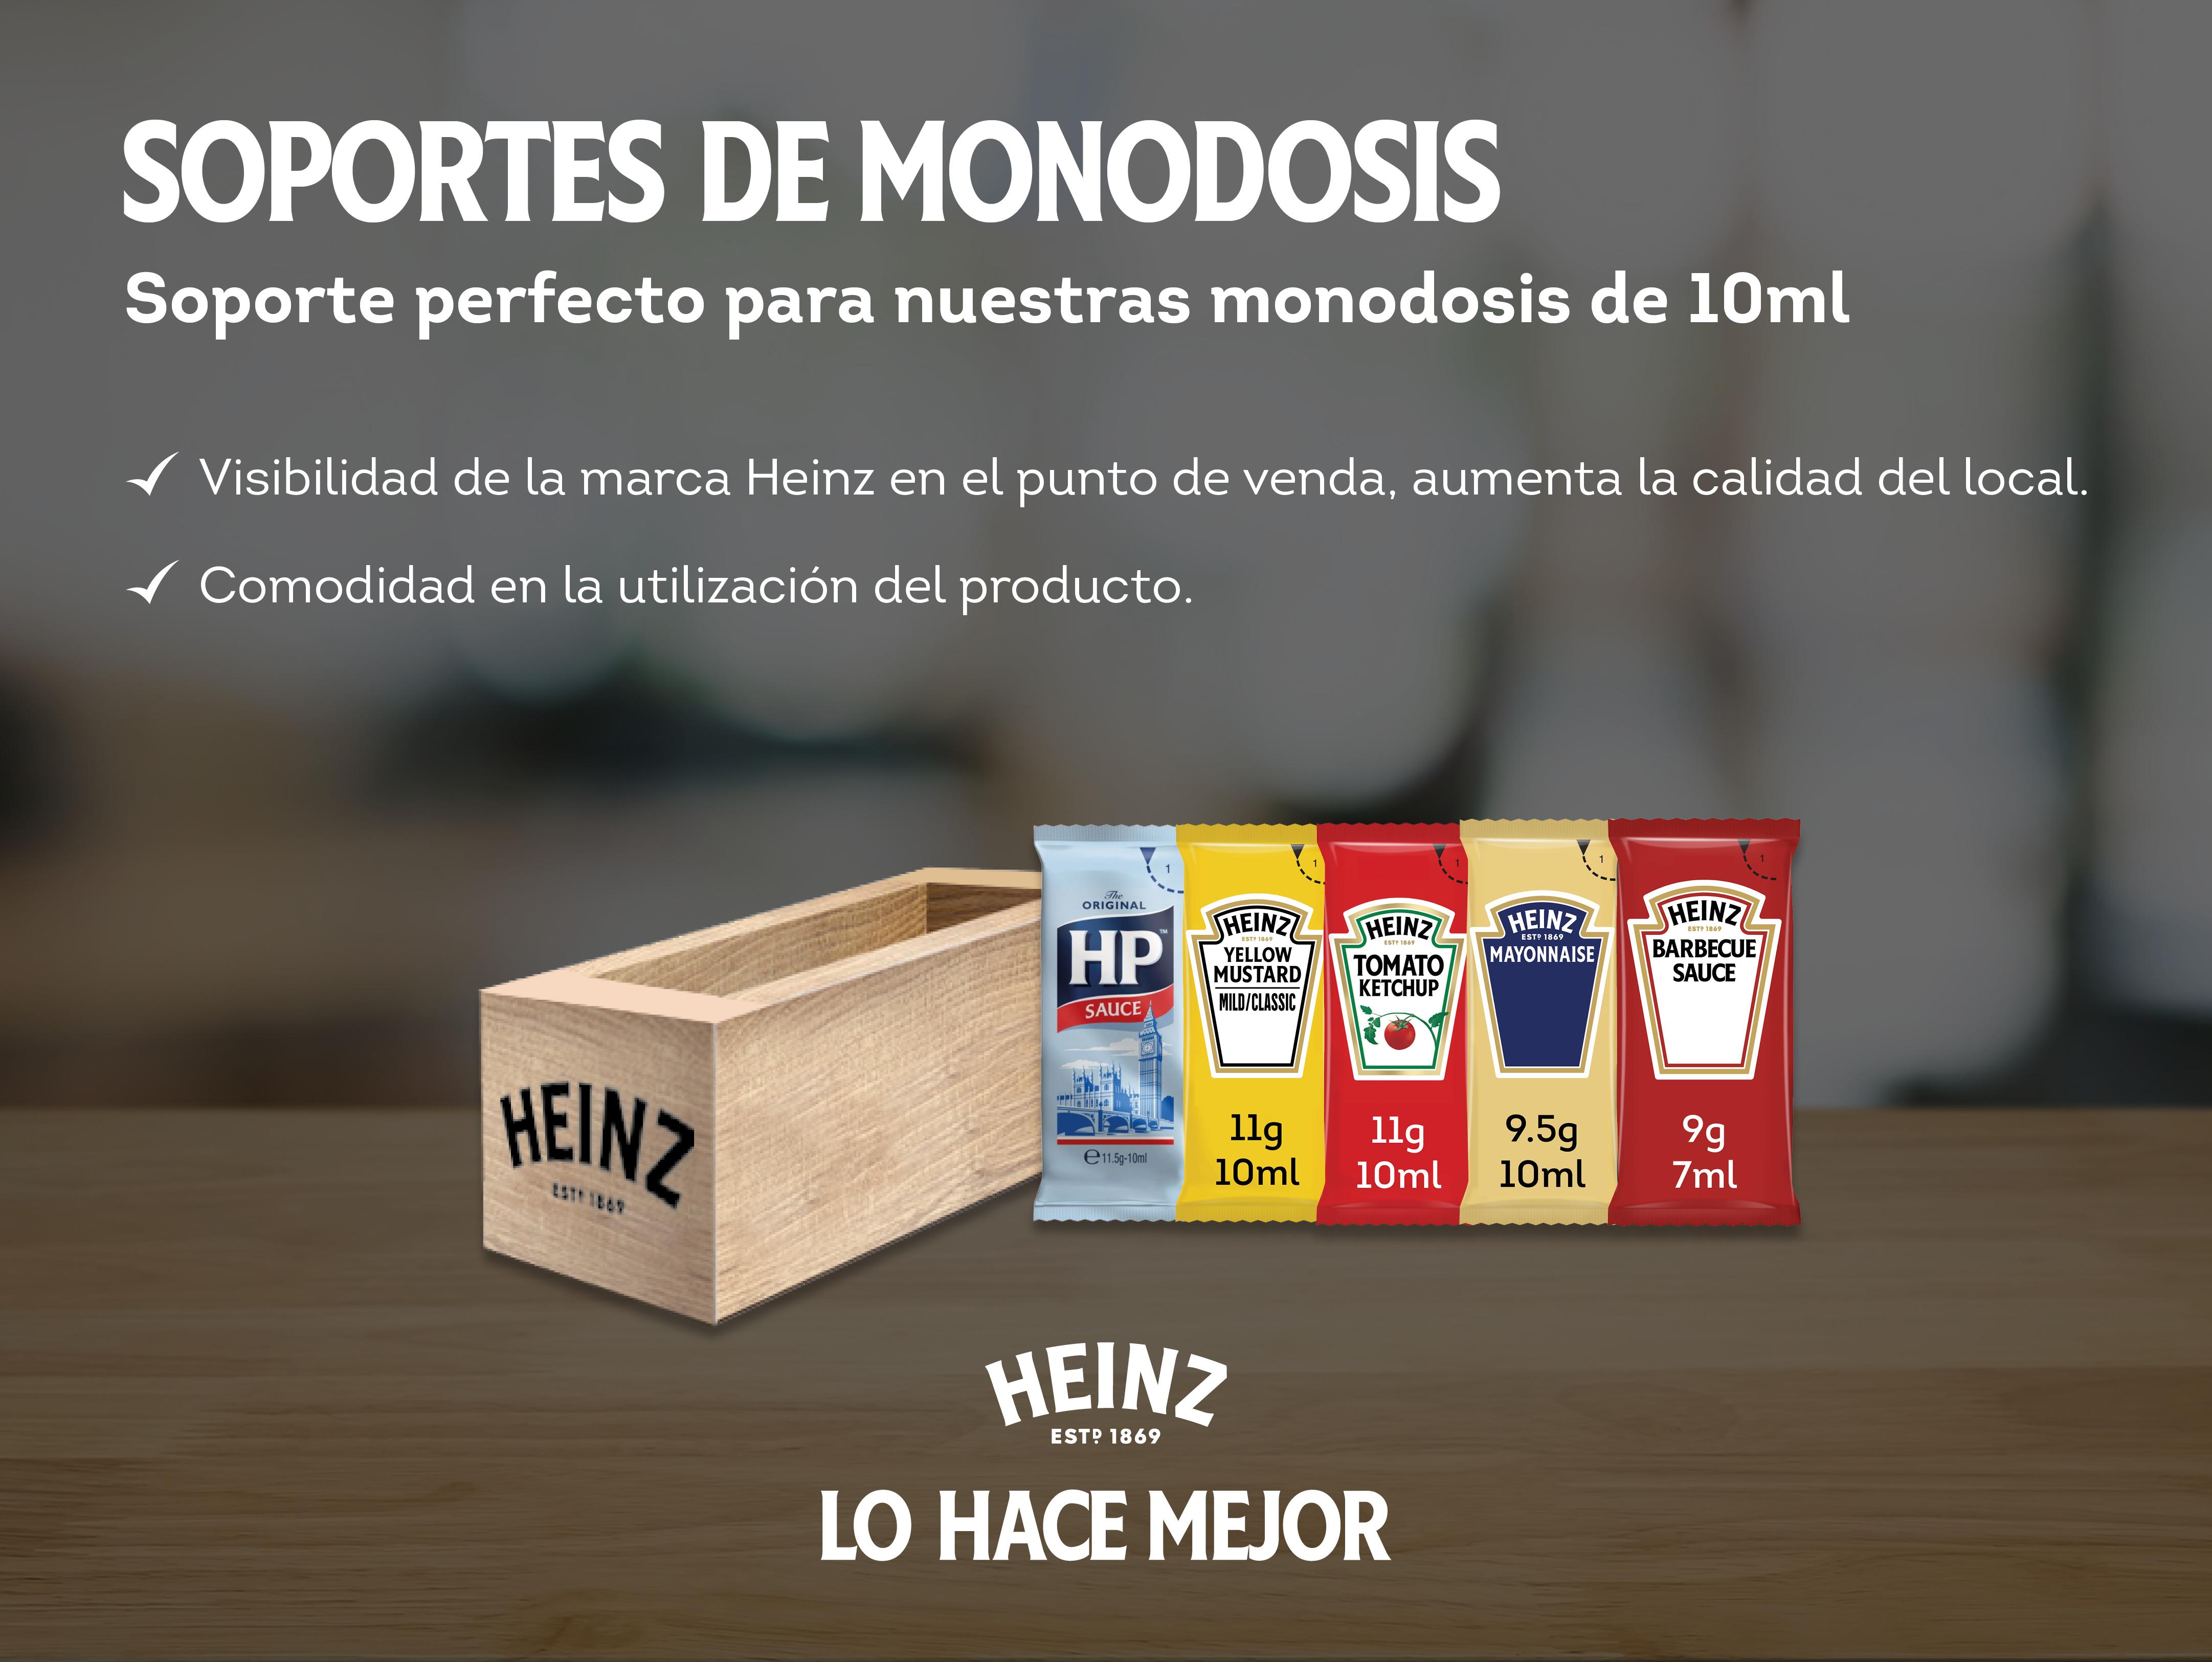 Soportes de Monodosis